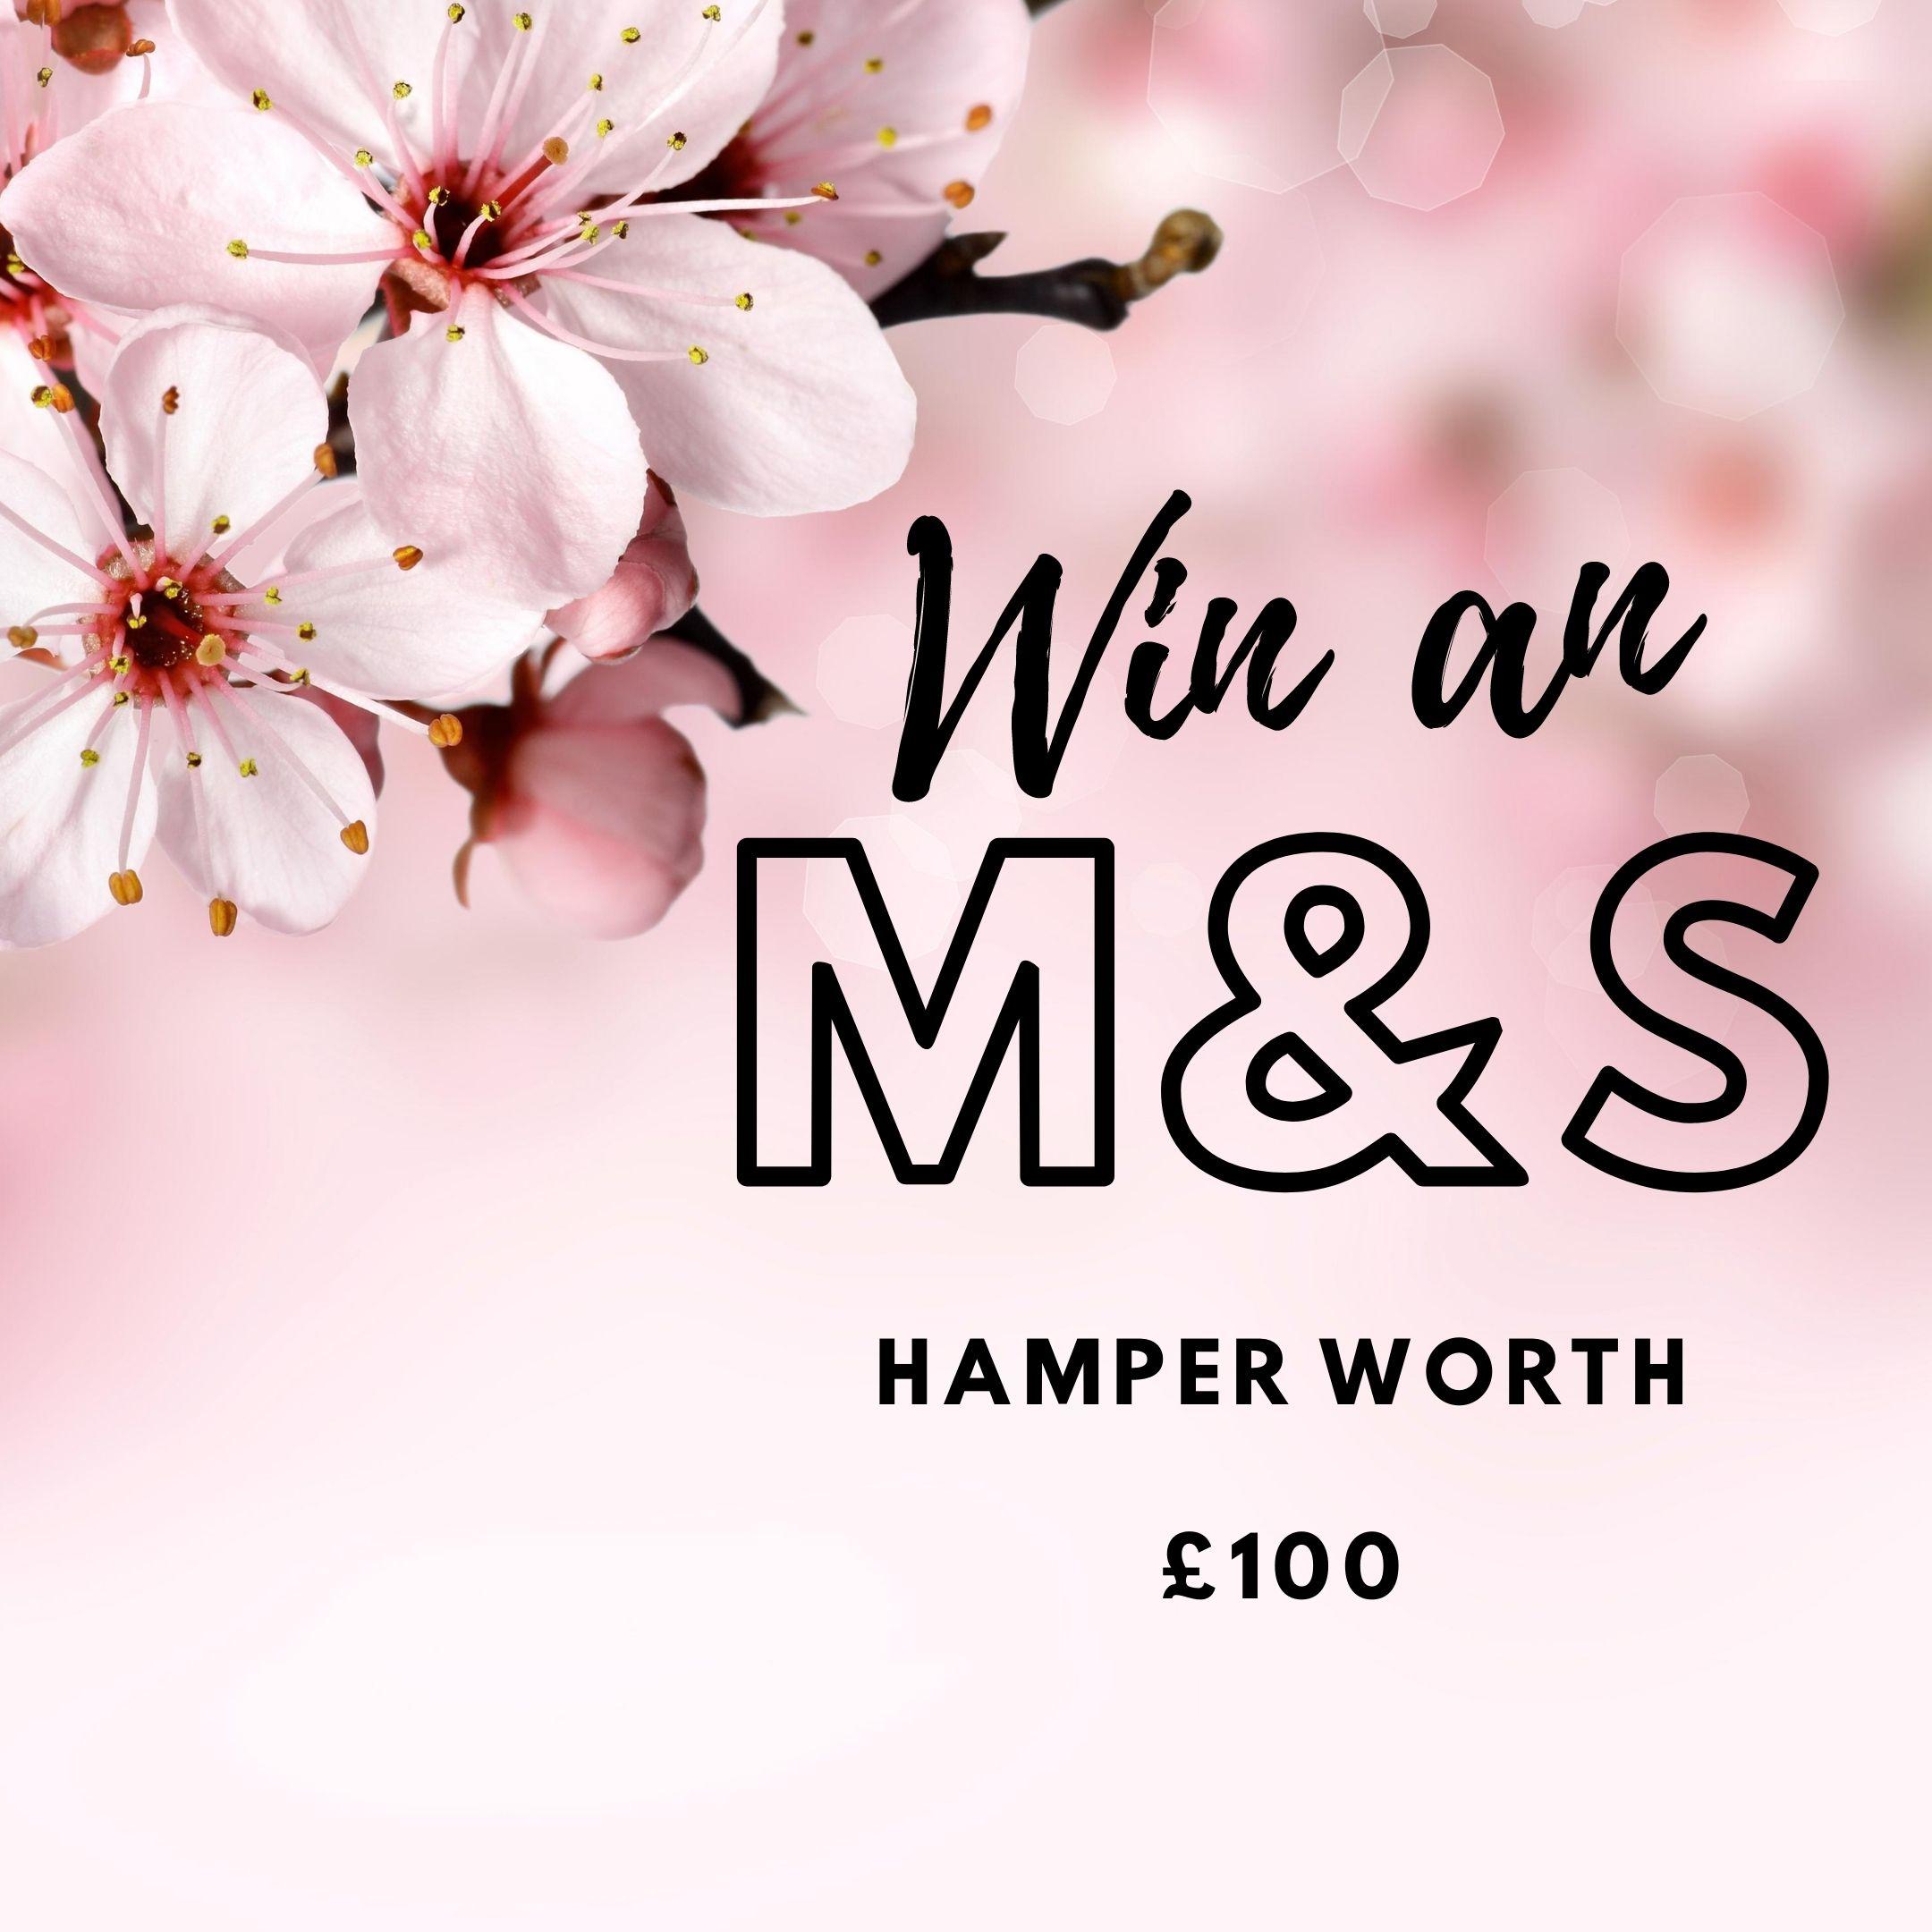 Win an M&S Hamper